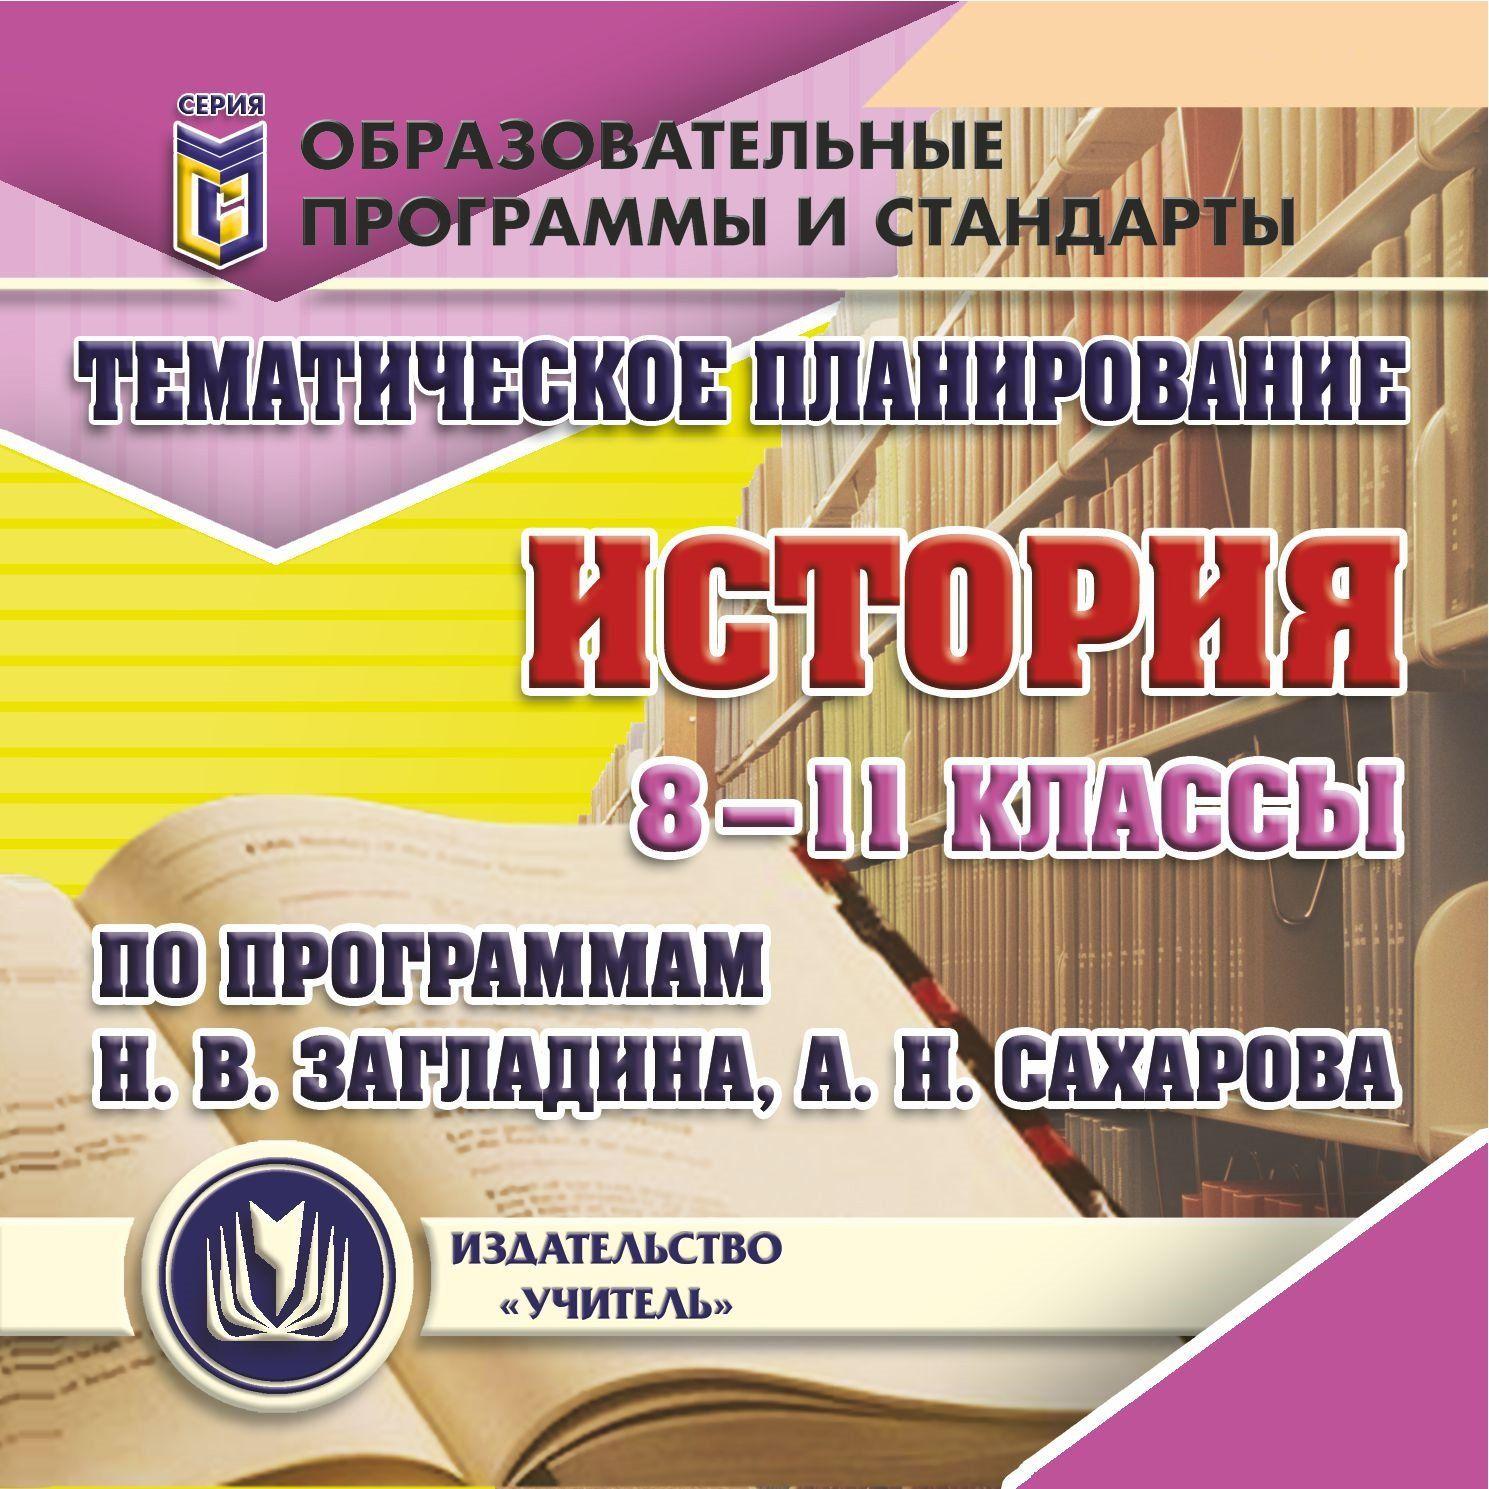 Тематическое планирование. История. 8-11 классы (по программам Н. В. Загладина, А. Сахарова). Программа для установки через Интернет